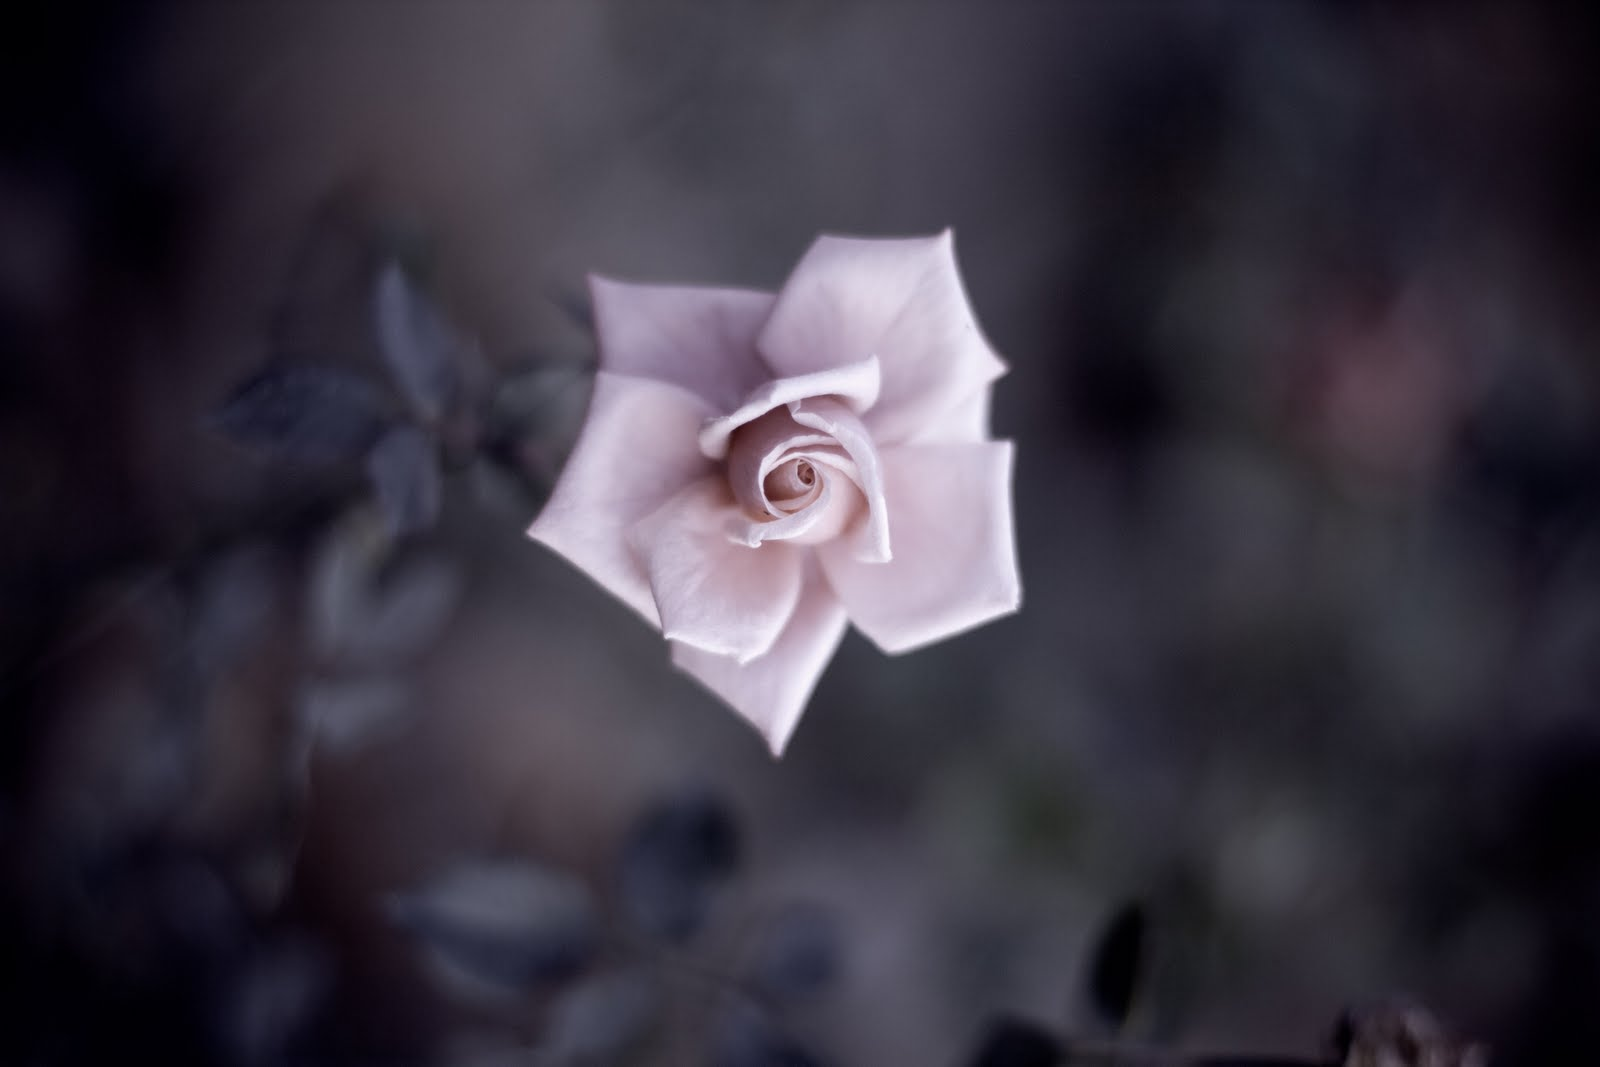 Imagenes De Craneos Con Rosas - Cráneos Y Rosas Imagenes de archivo Imagen 9110194